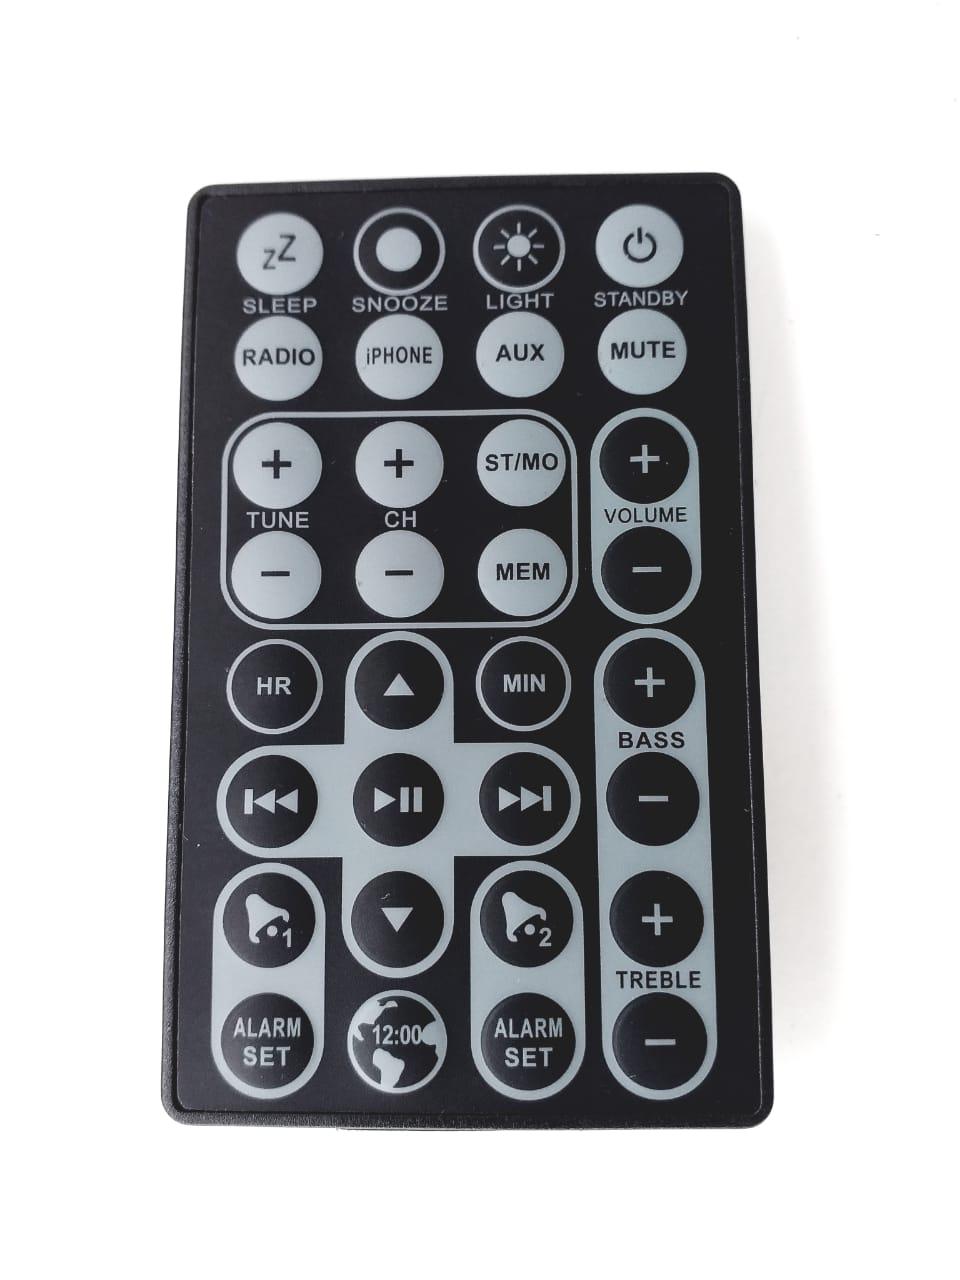 Controle remoto para Dock Station STI 2525L 4545L 4555  modelo do controle CR4360